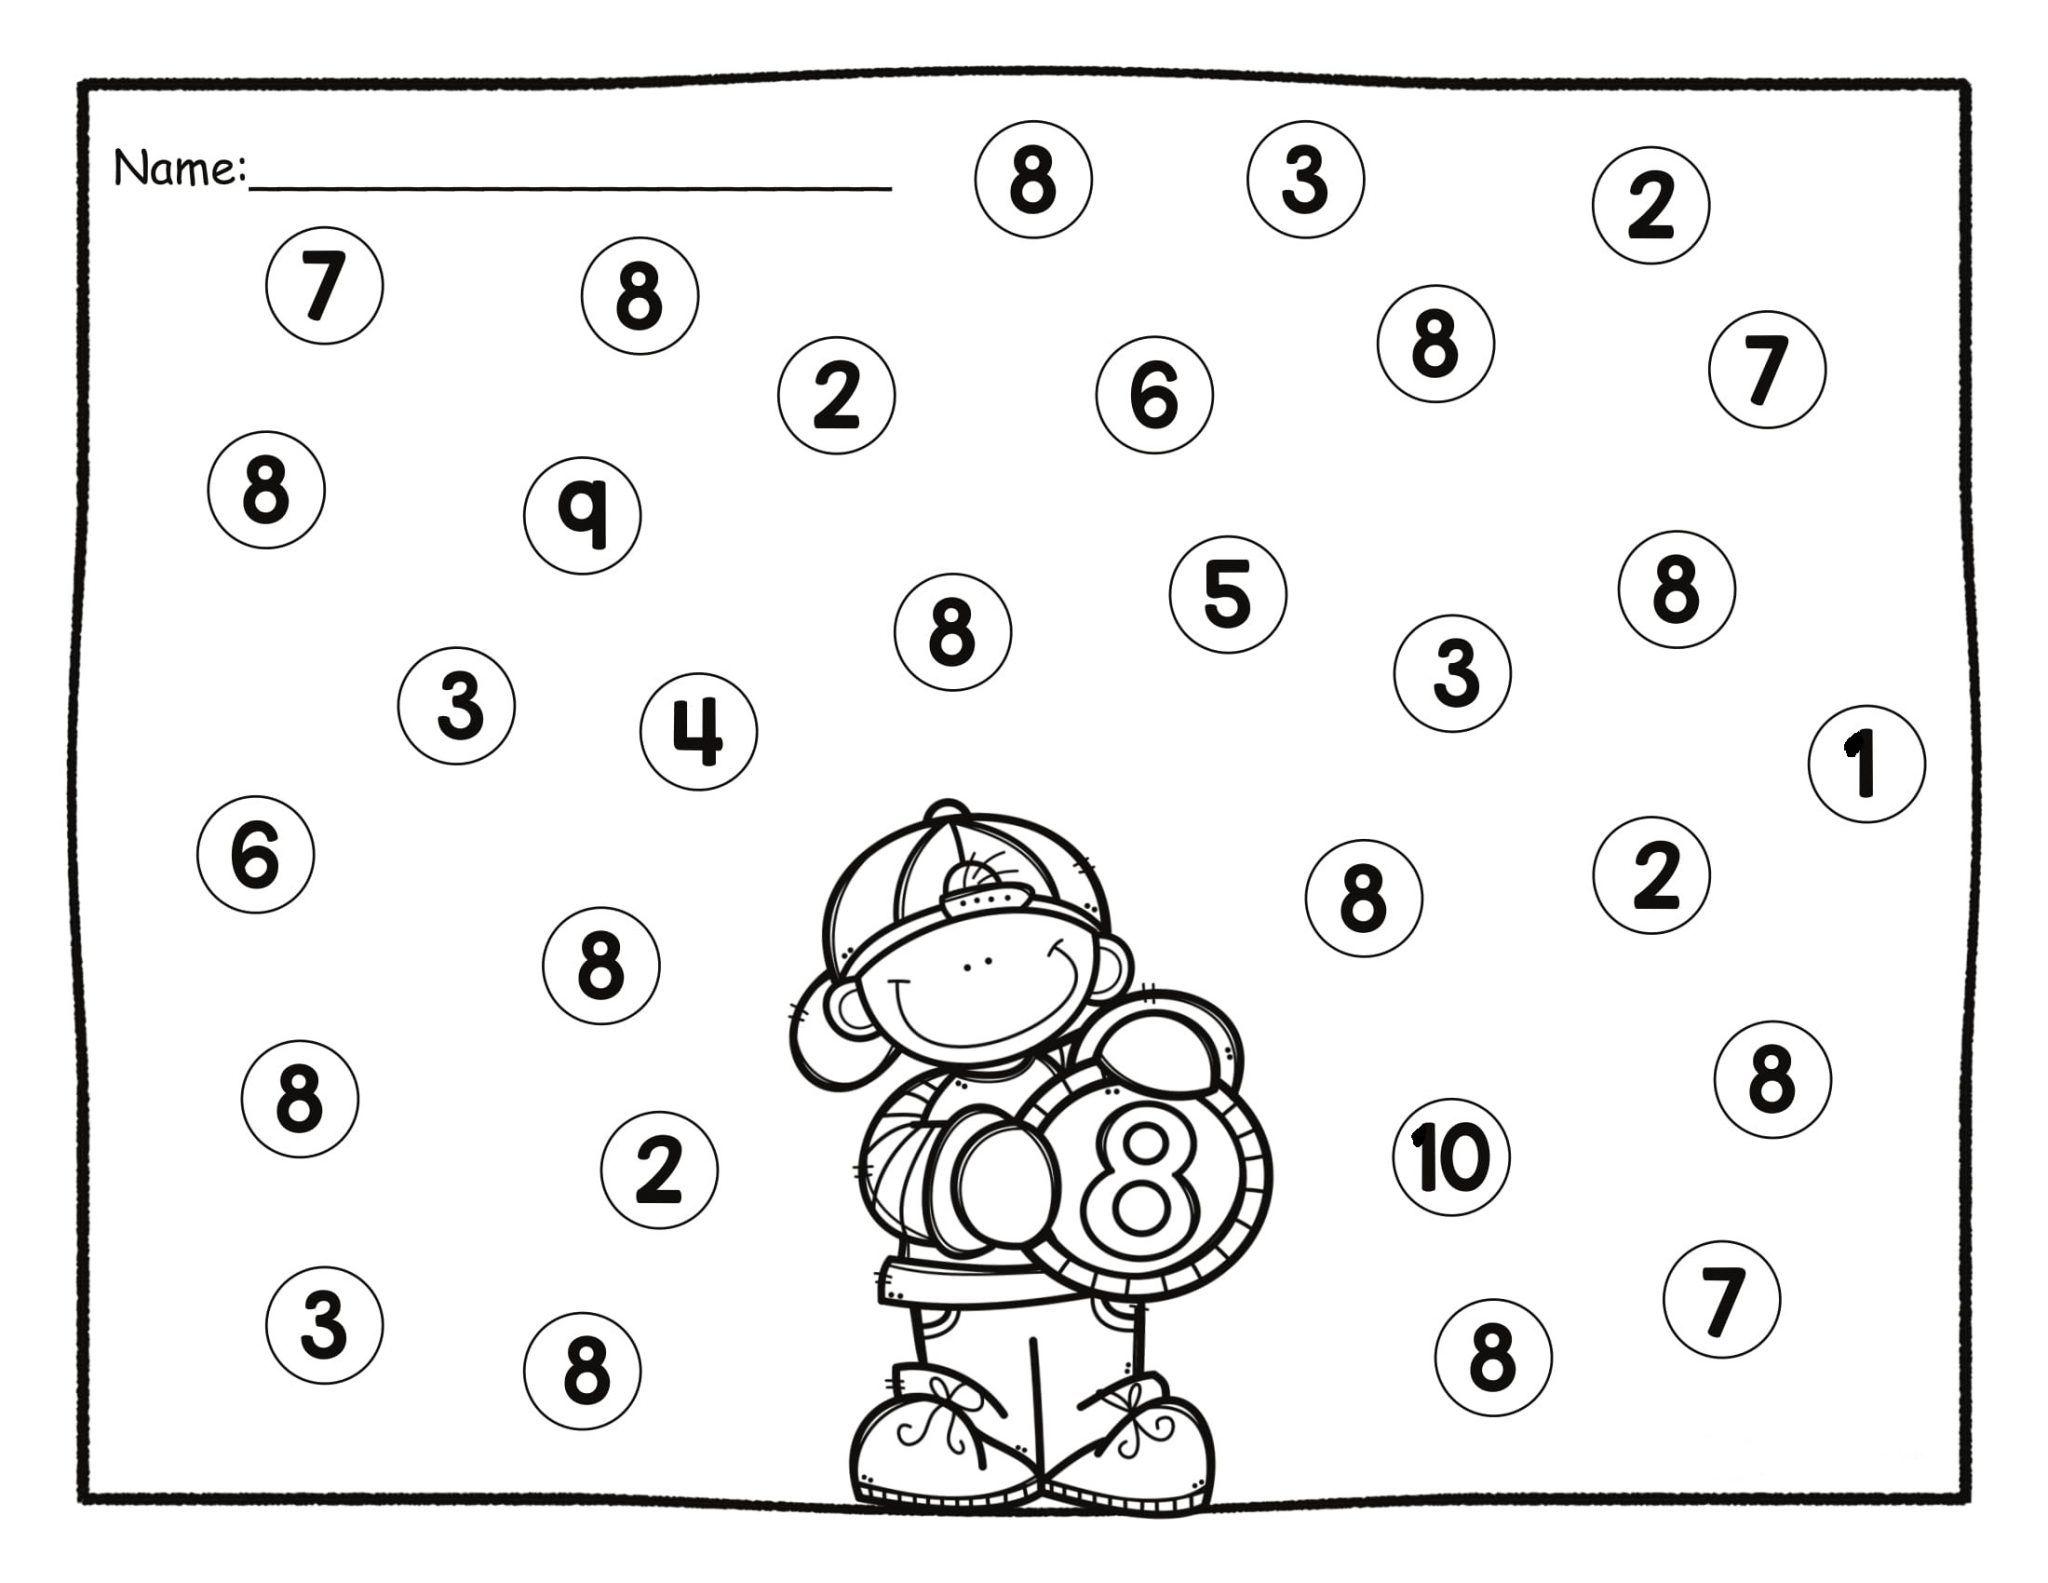 Okul Oncesi Boyama Sayfasi Etkinligi Okul Matematik Ve Okul Oncesi